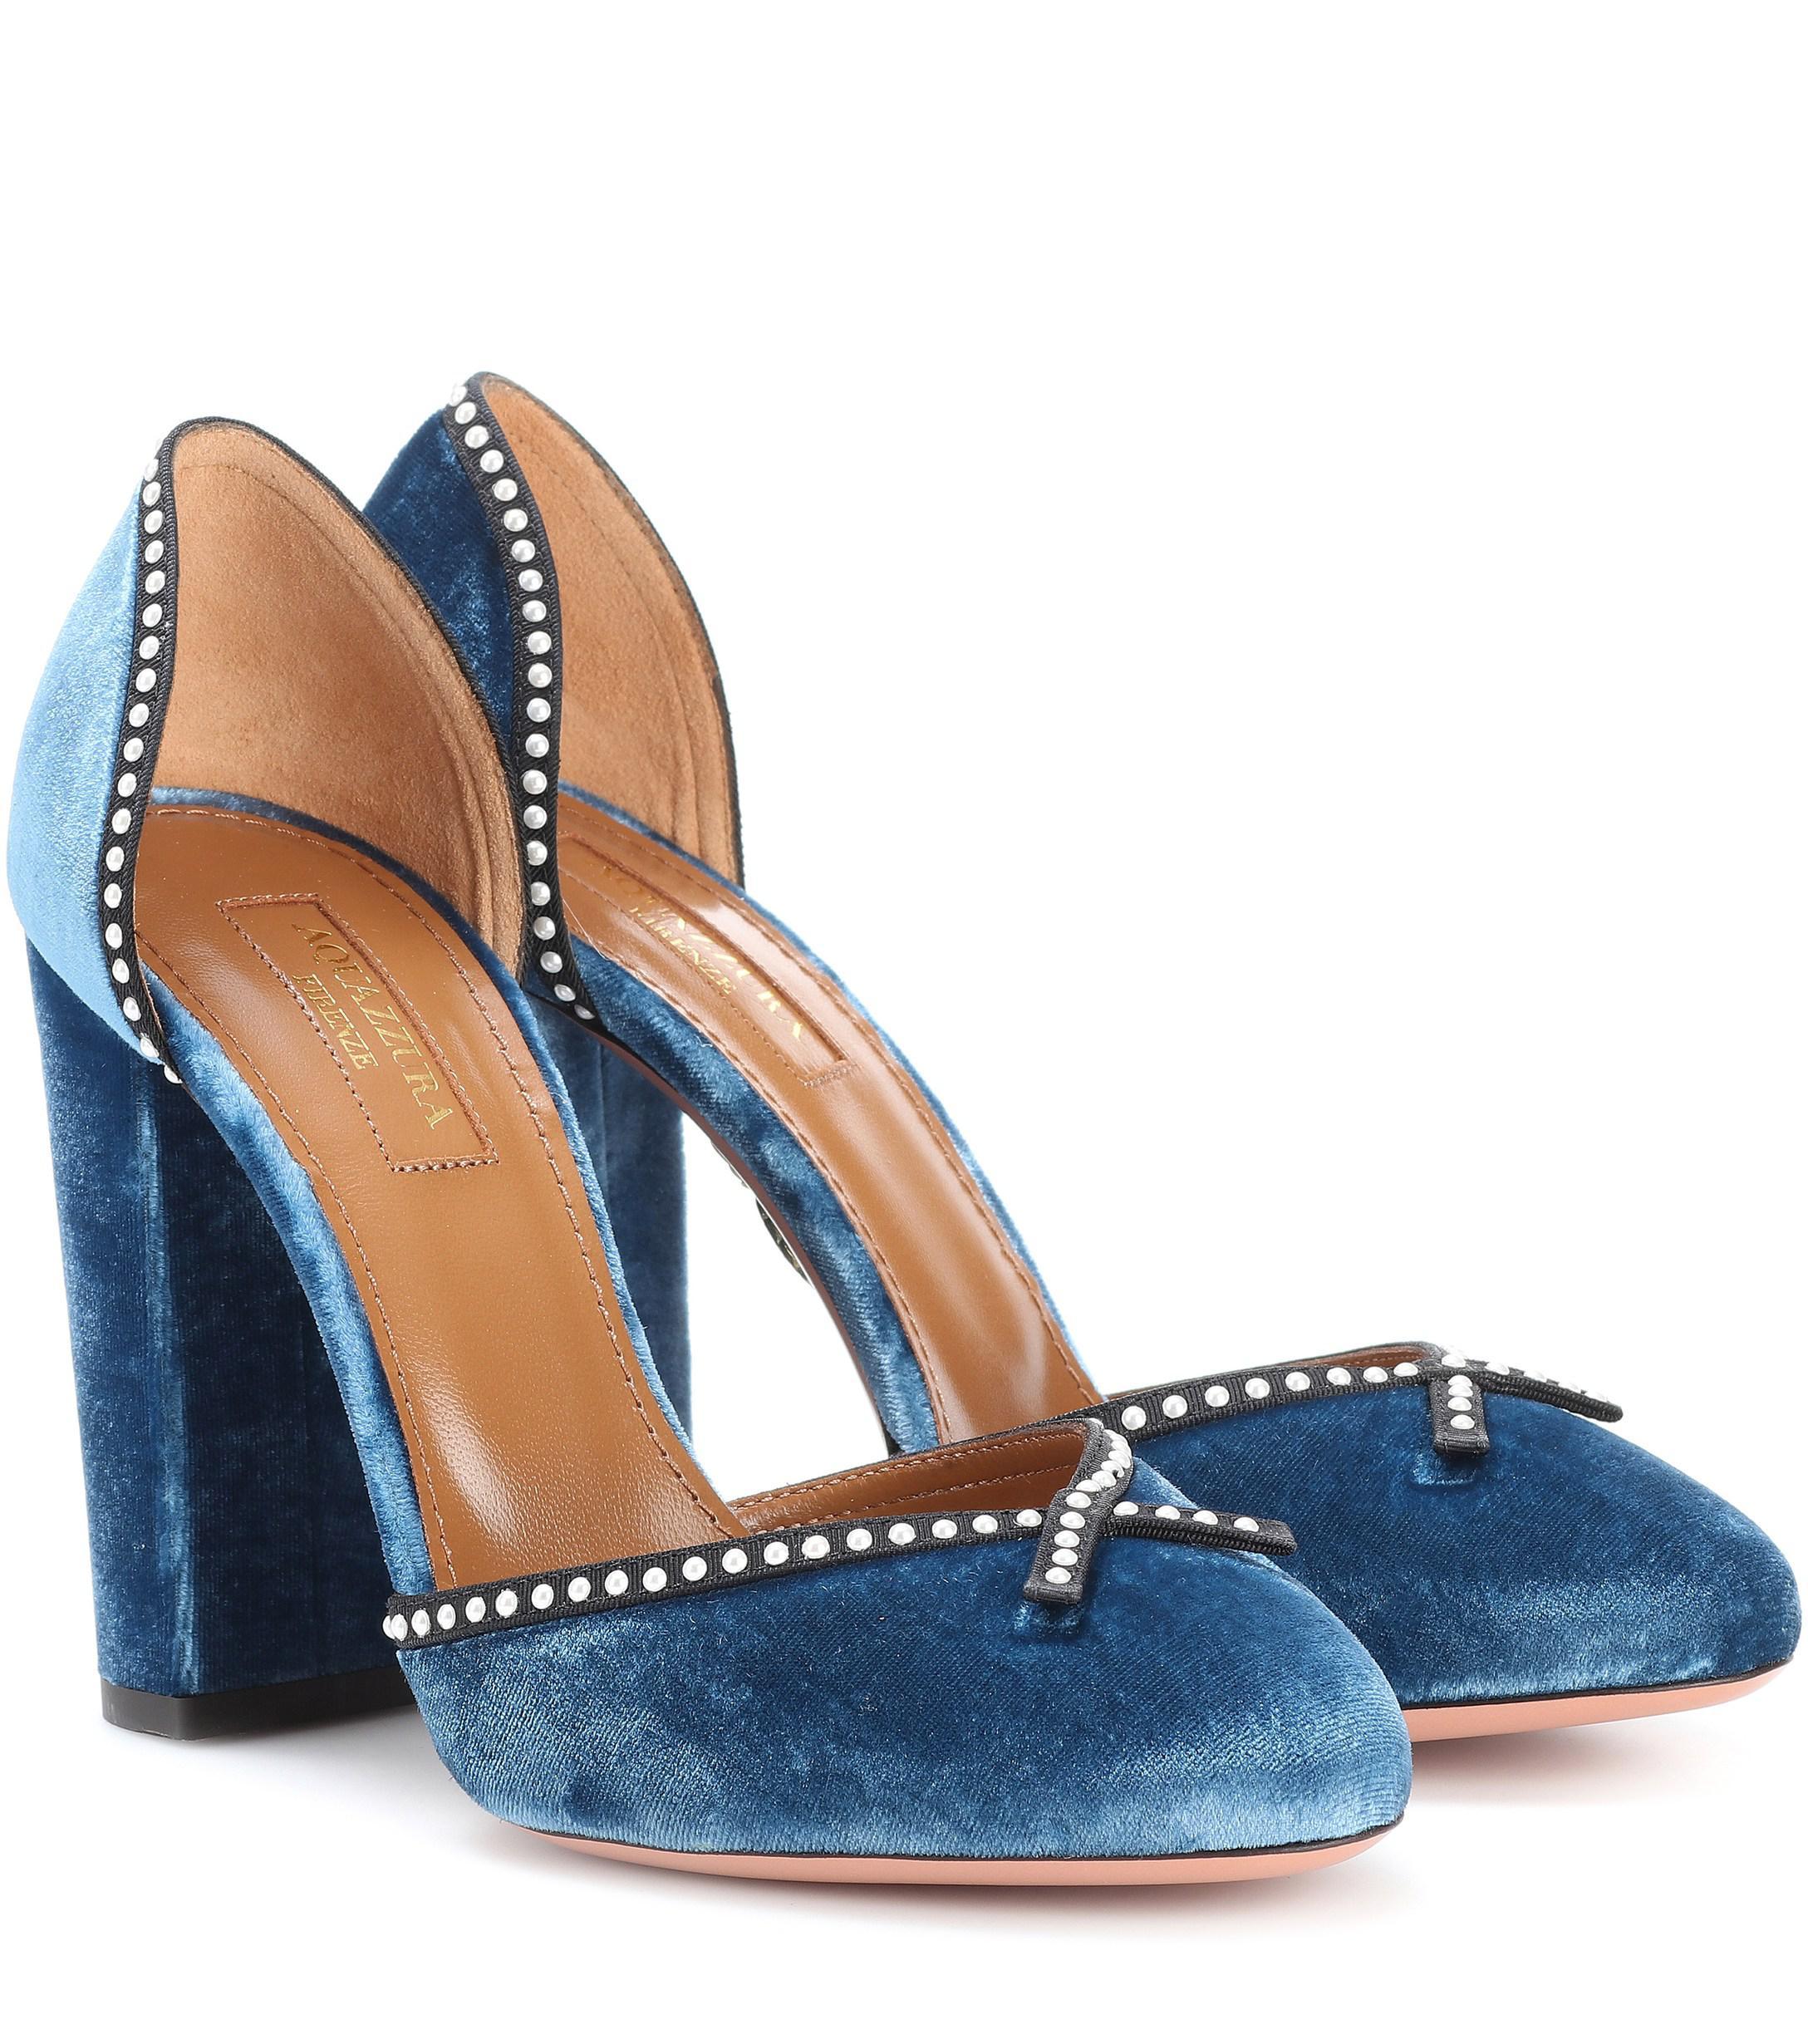 a648acbcd23 Aquazzura. Women s Blue Lou Lou 105 Velvet Court Shoes